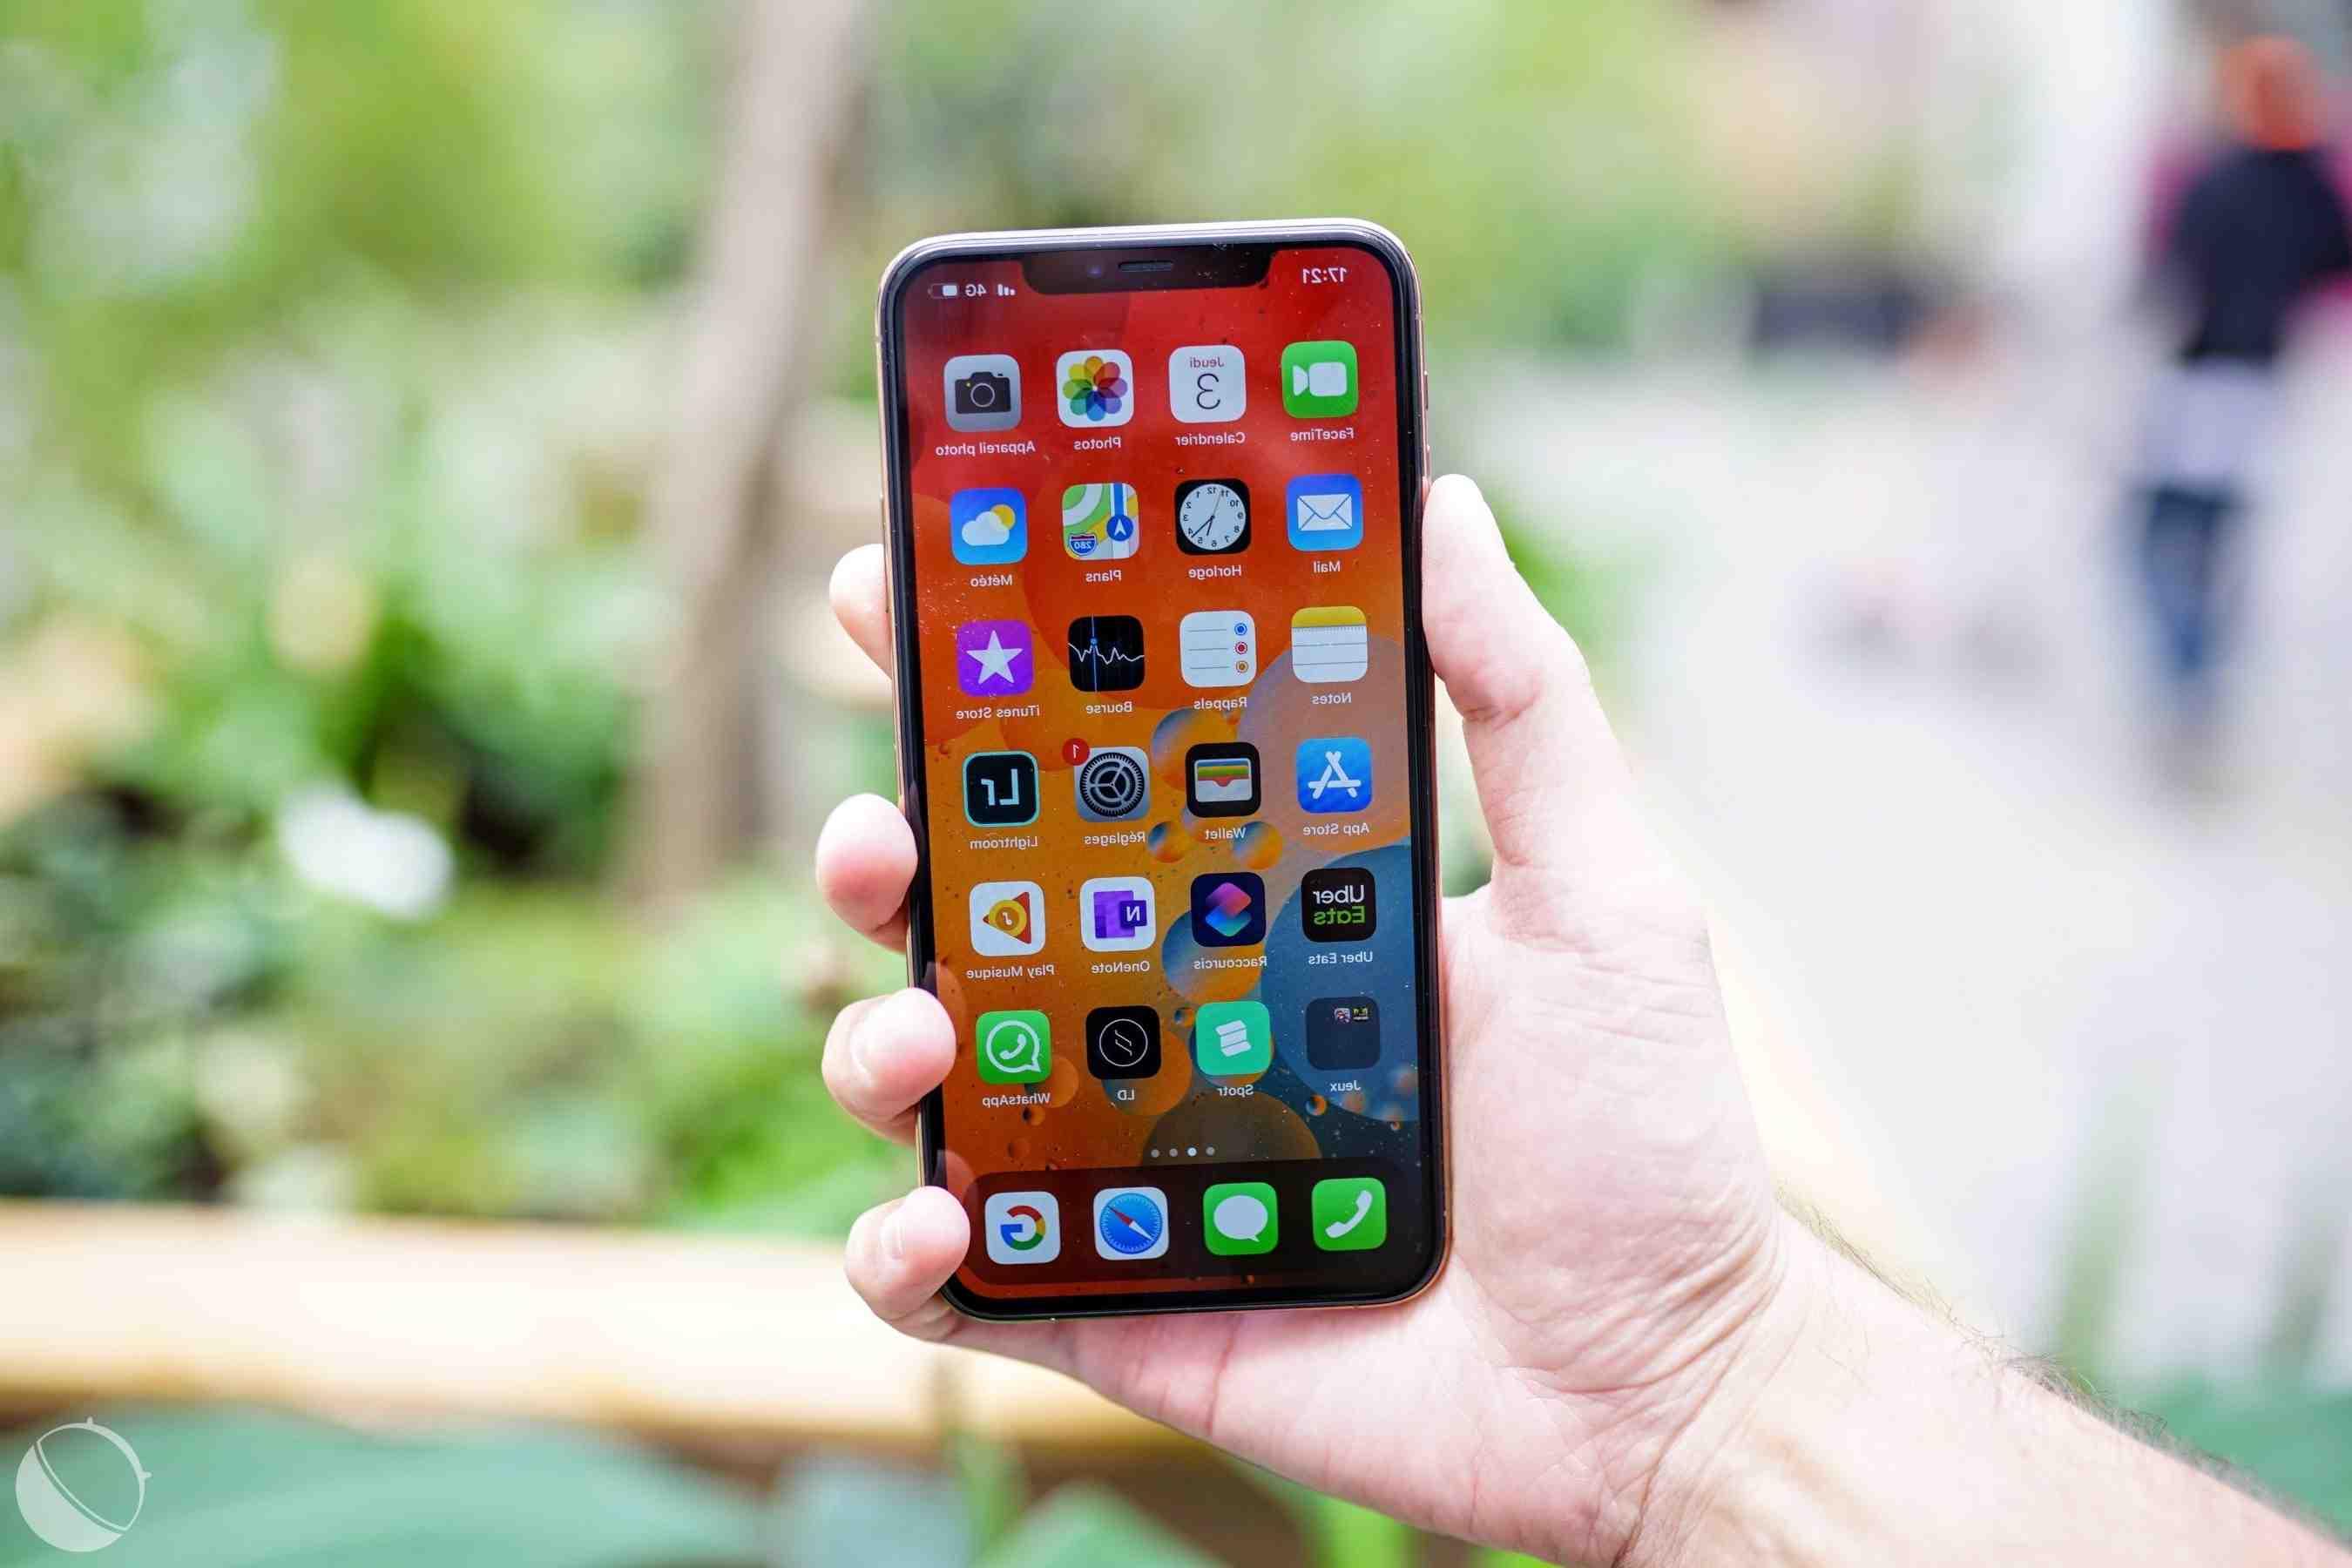 Pourquoi l'iphone 11 pro max chauffe-t-il ?